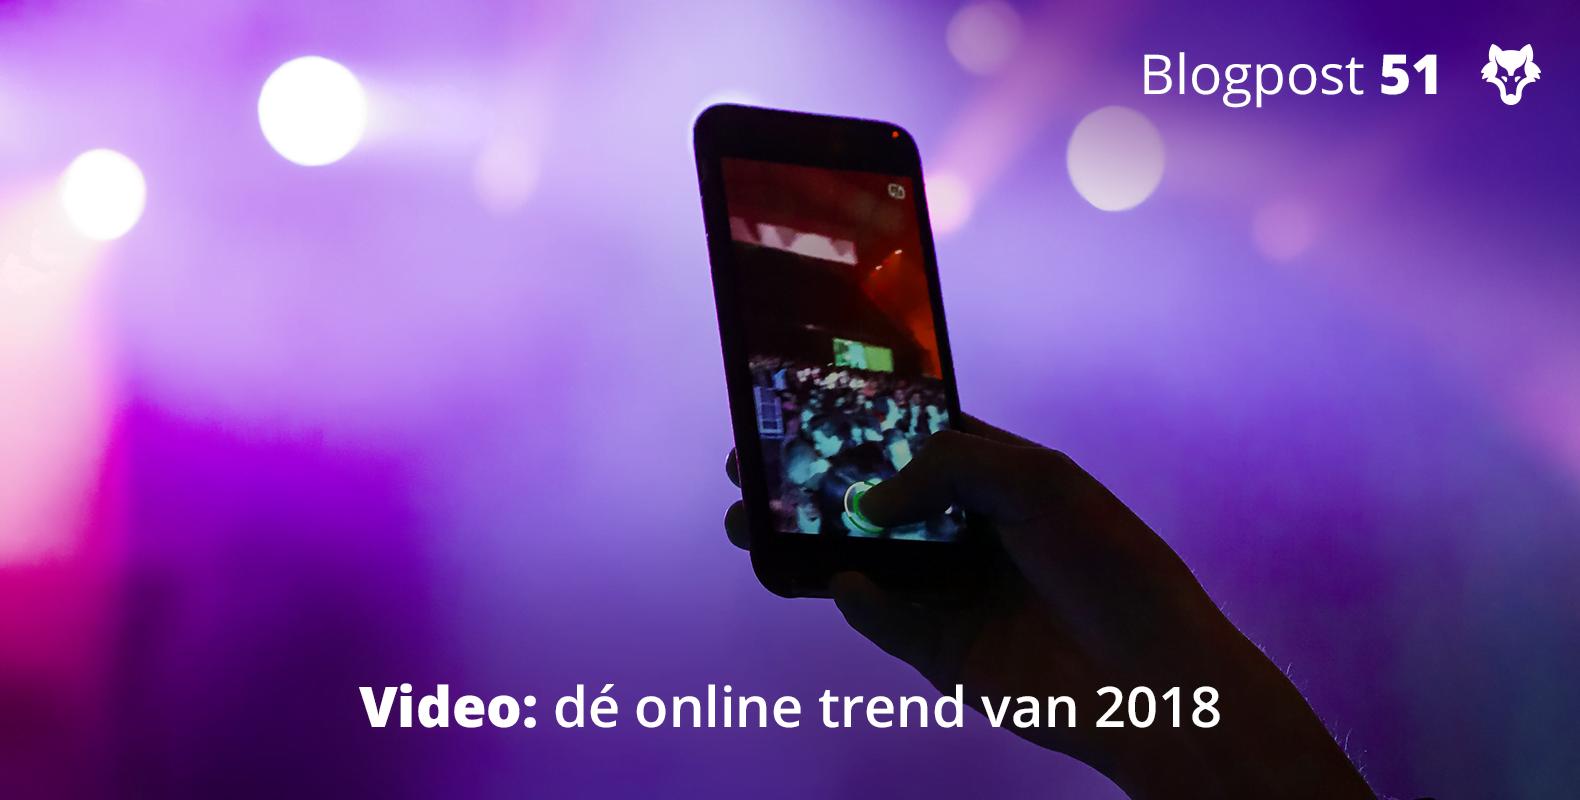 Video: dé online trend van 2018